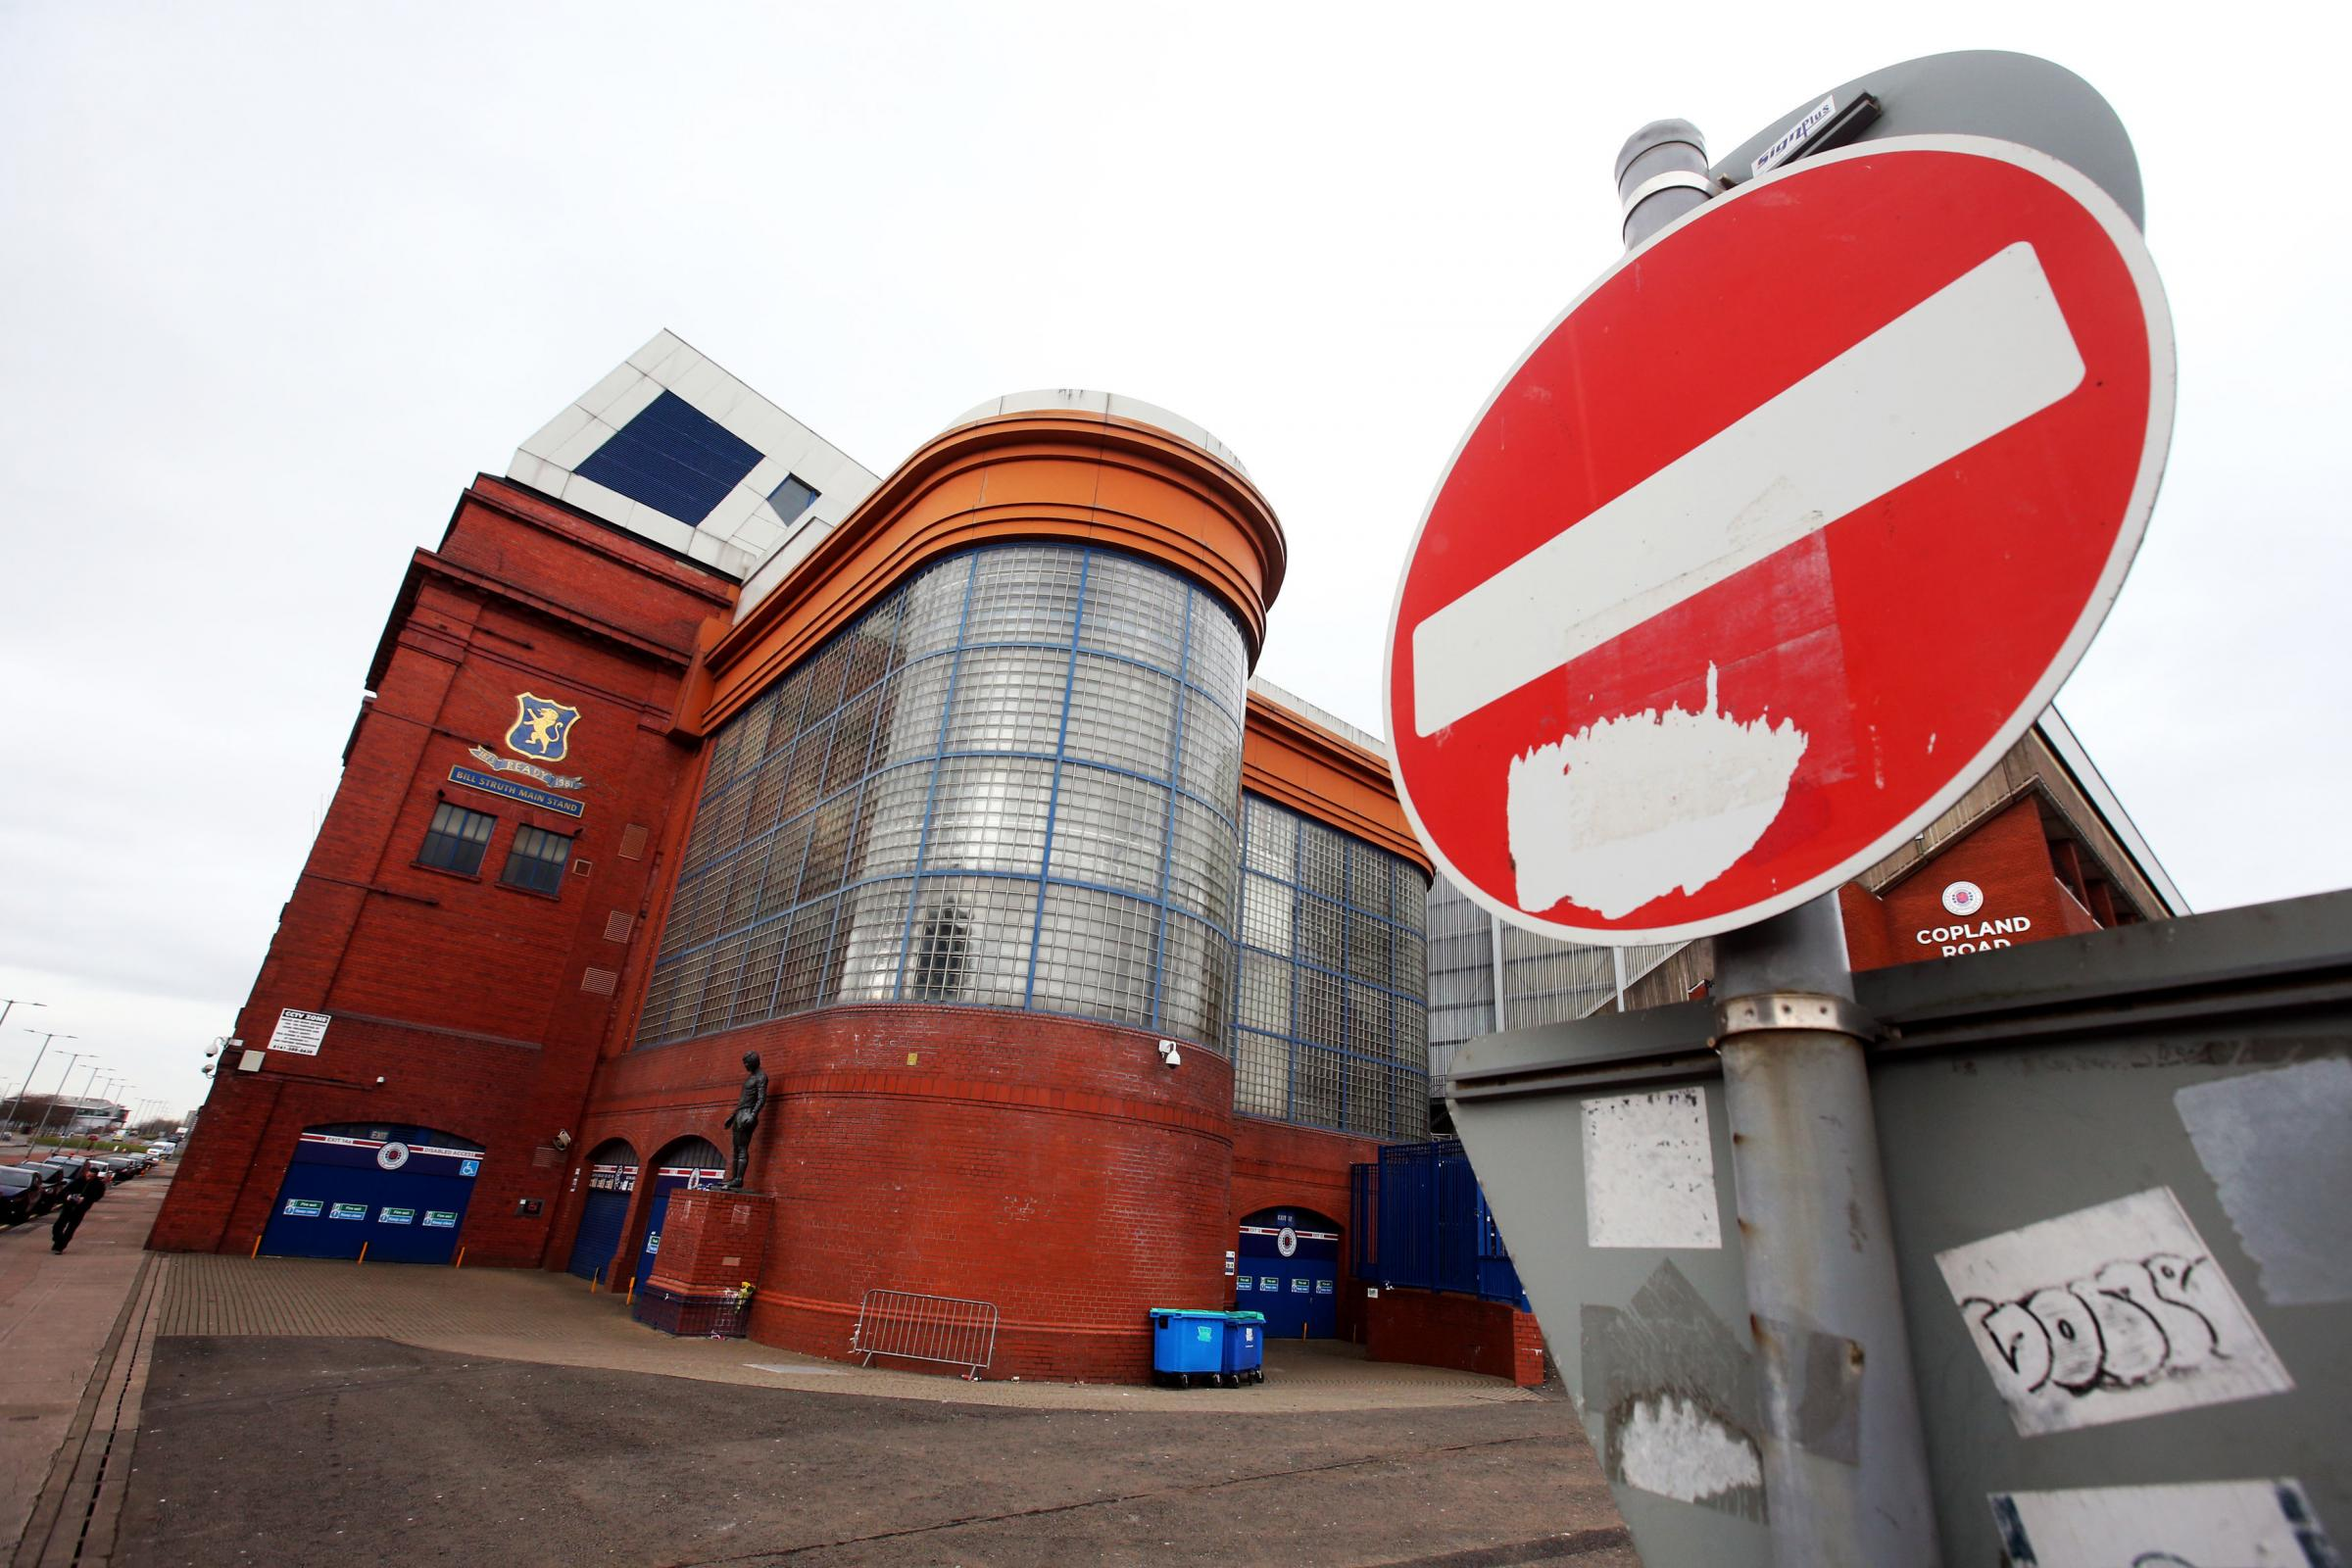 Coronavirus outbreak sparks Scottish football standstill